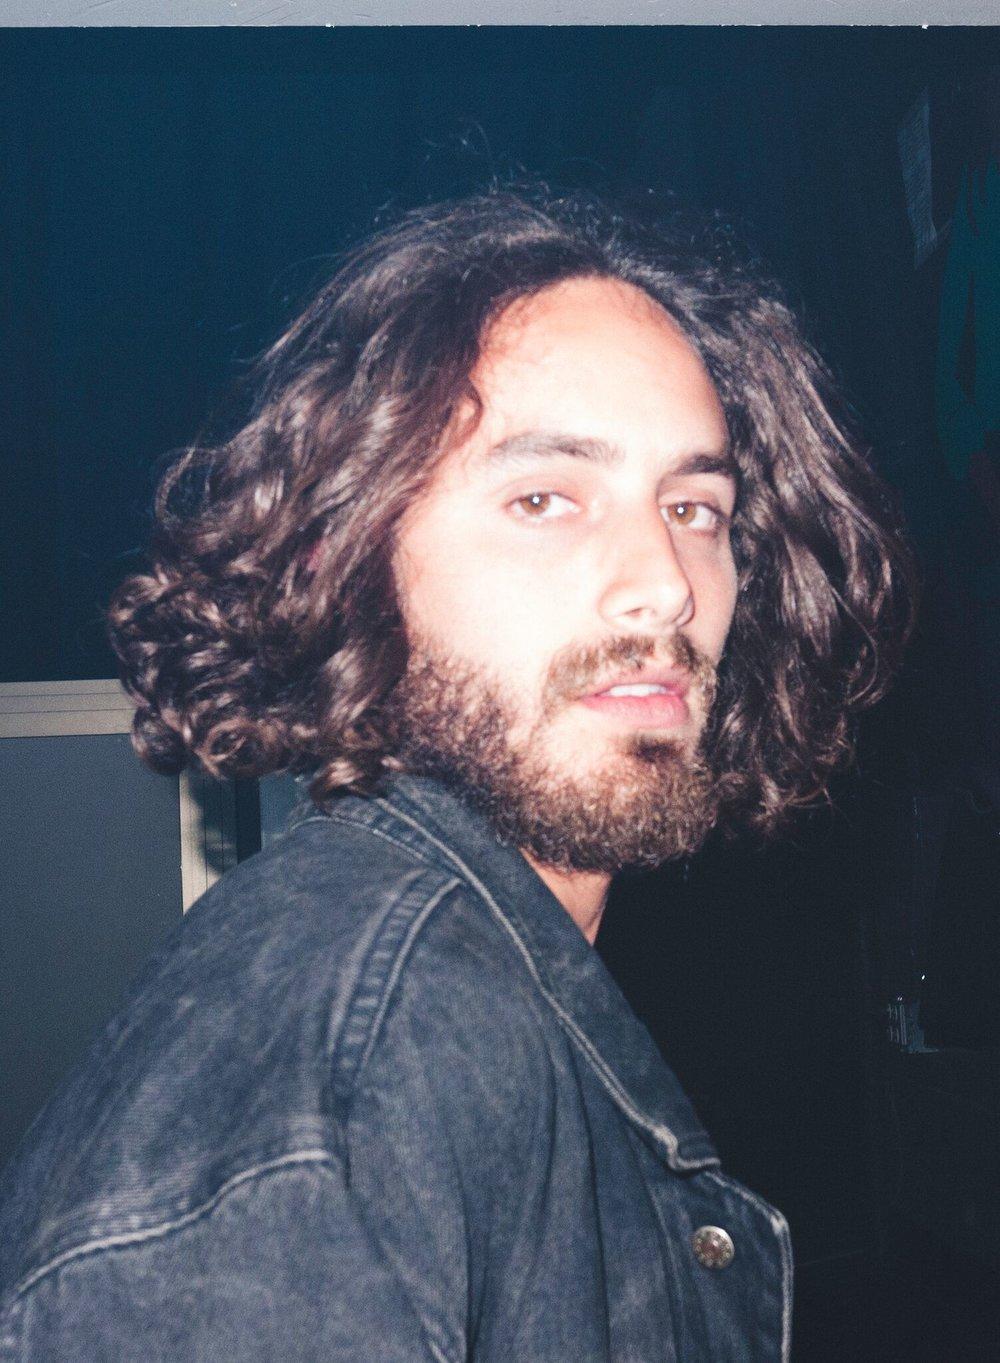 Allan Rayman photographed by Steph Verschuren